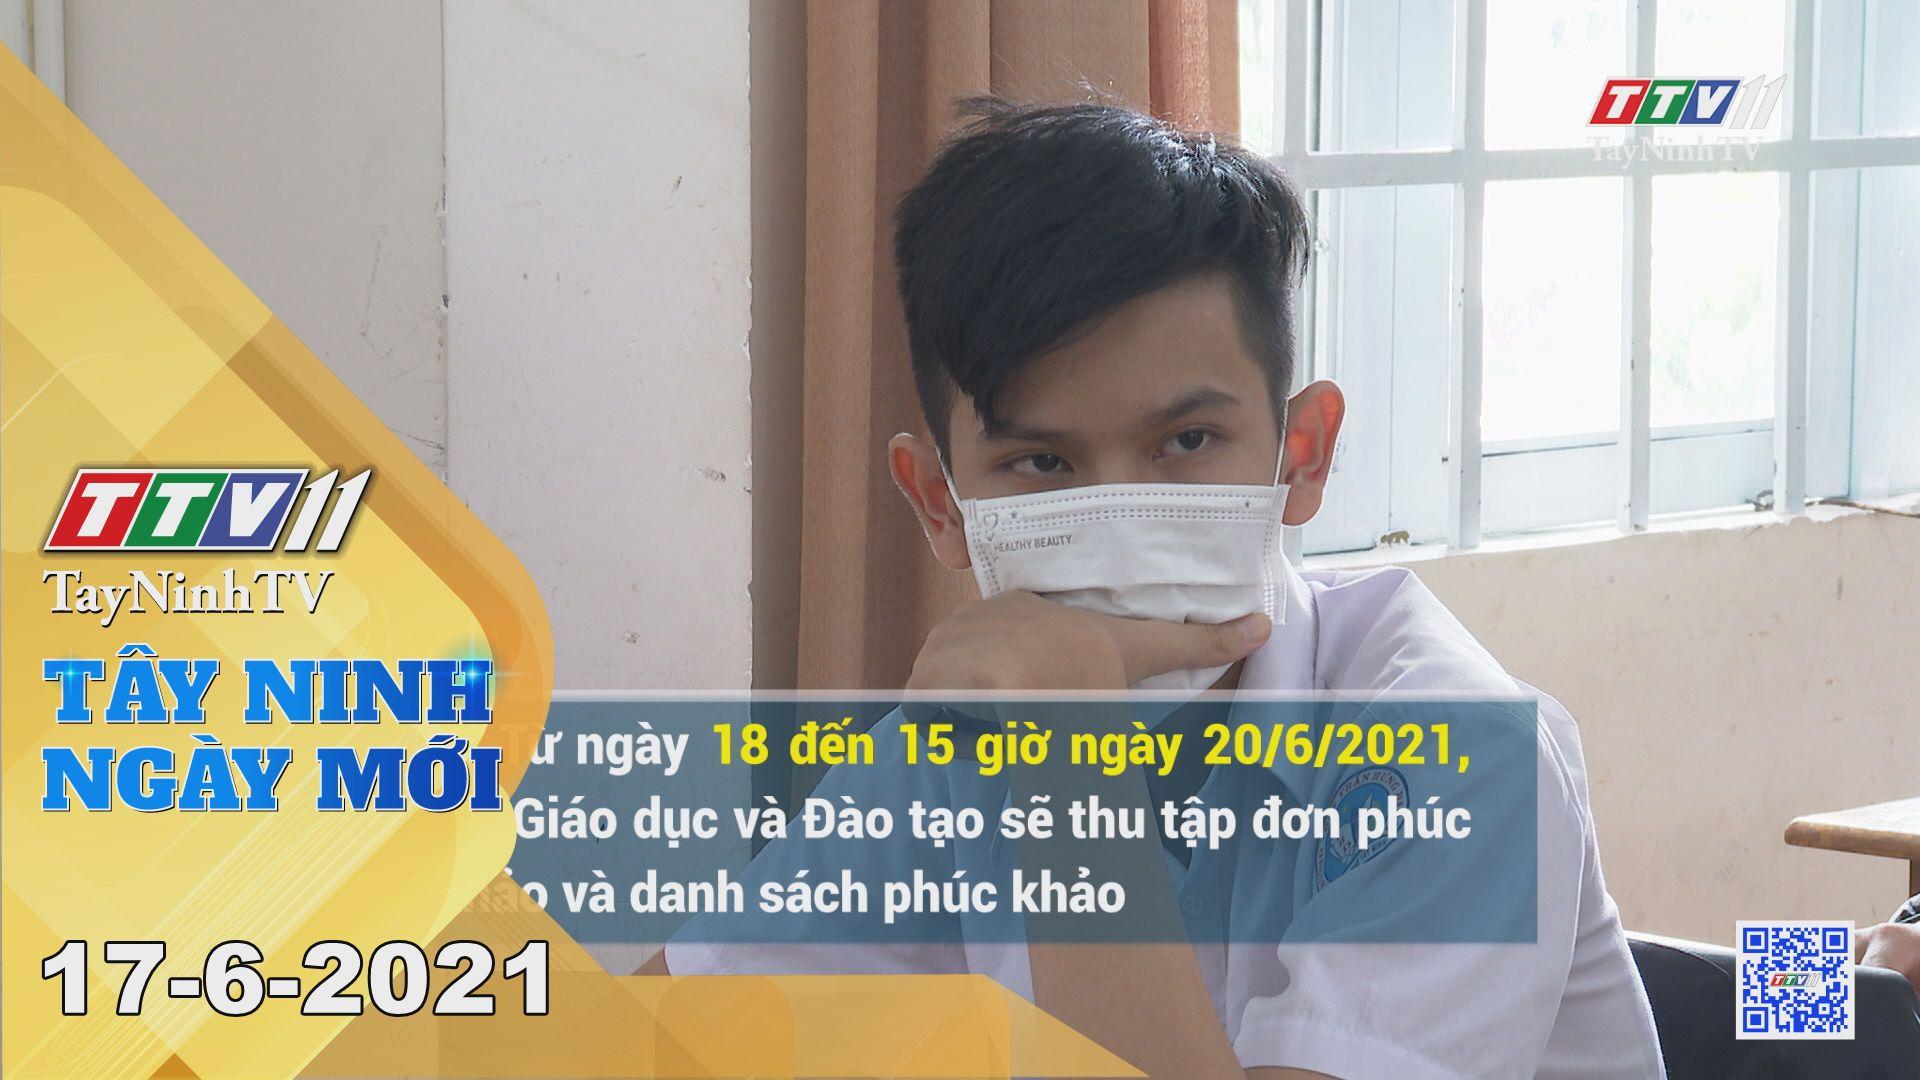 Tây Ninh Ngày Mới 17-6-2021 | Tin tức hôm nay | TayNinhTV